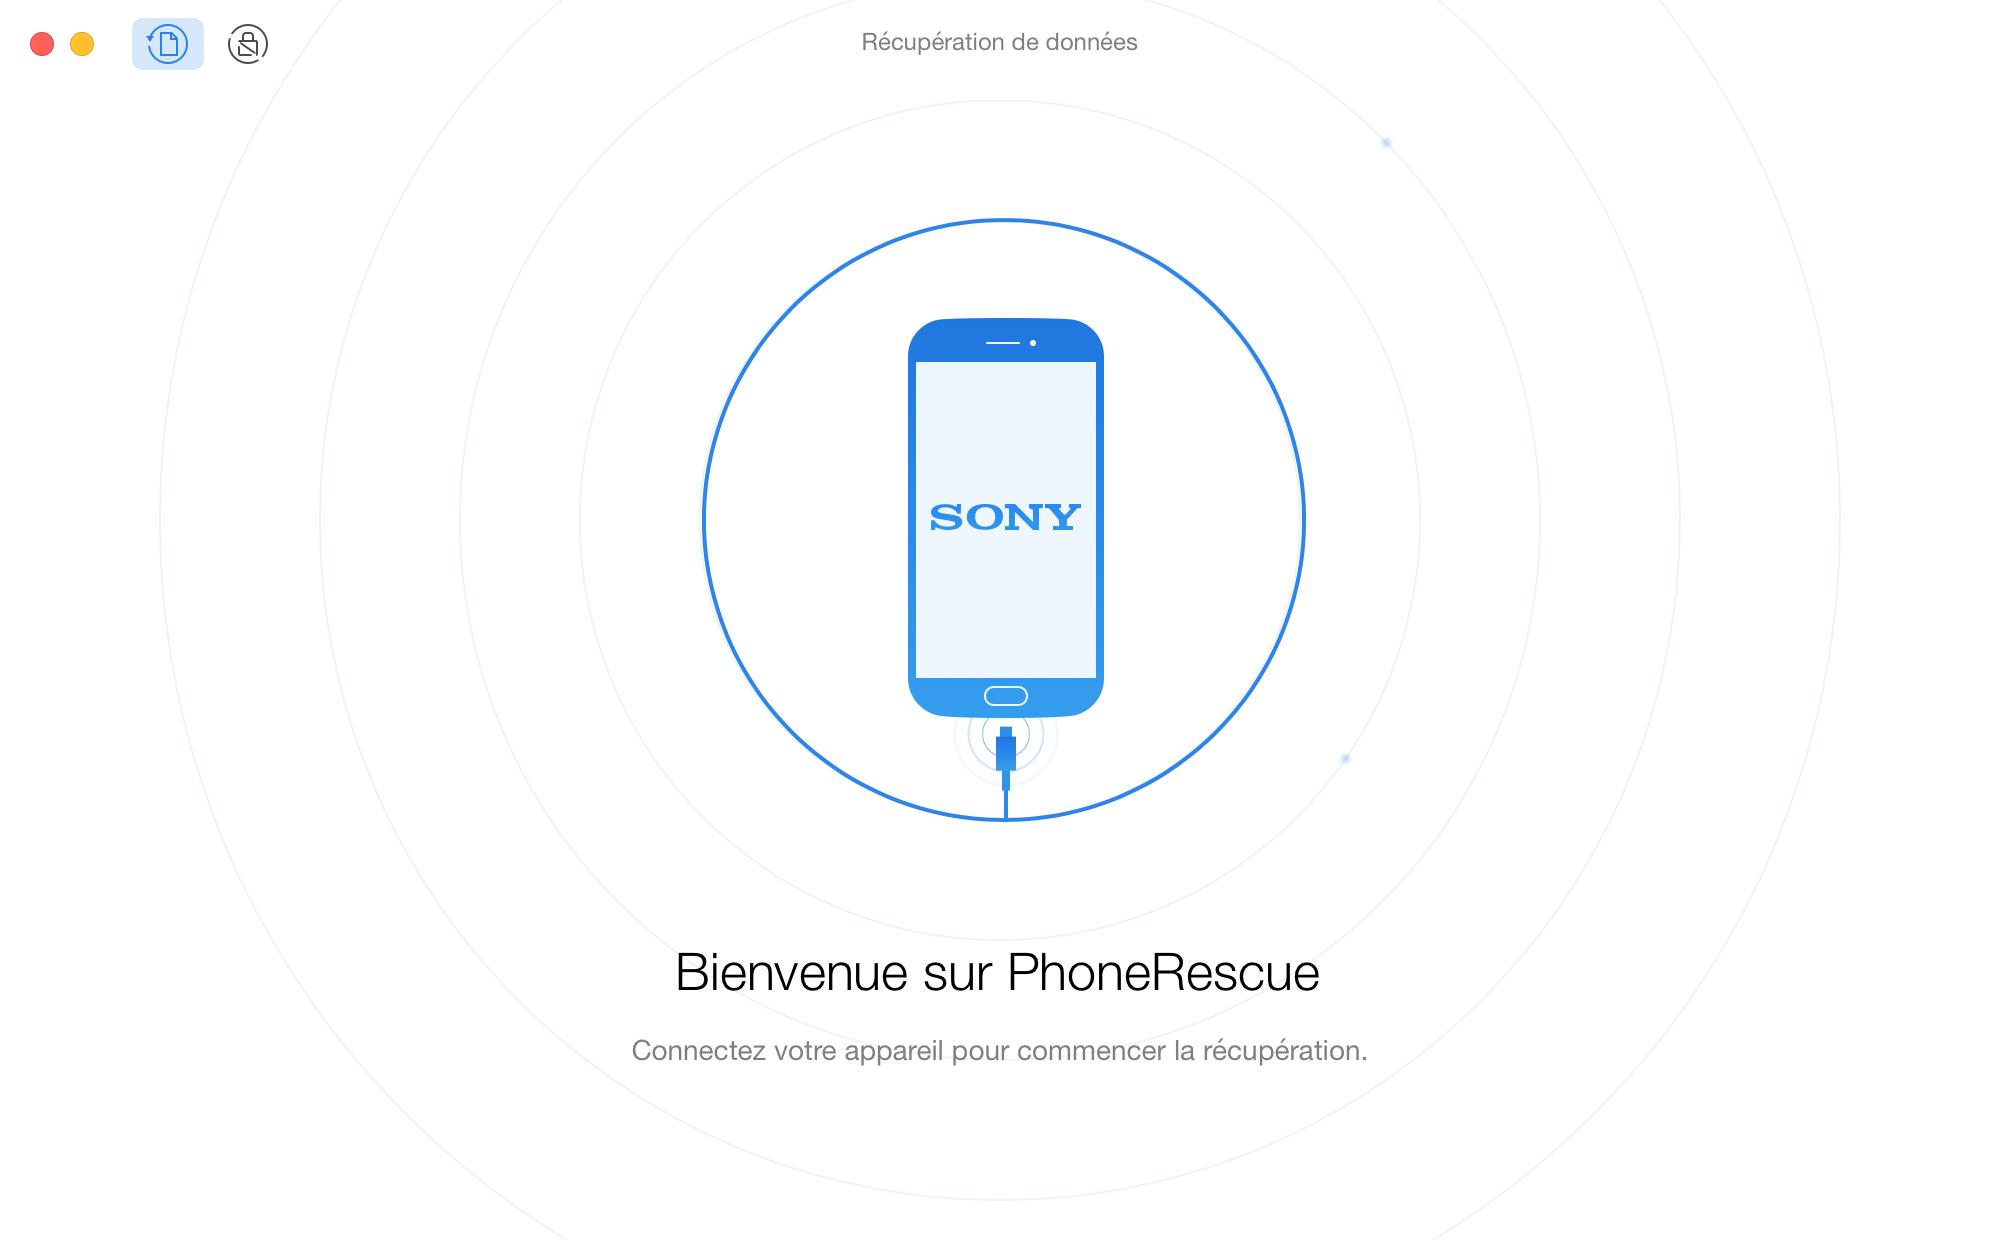 L'interface d'accueil de PhoneRescue pour Sony